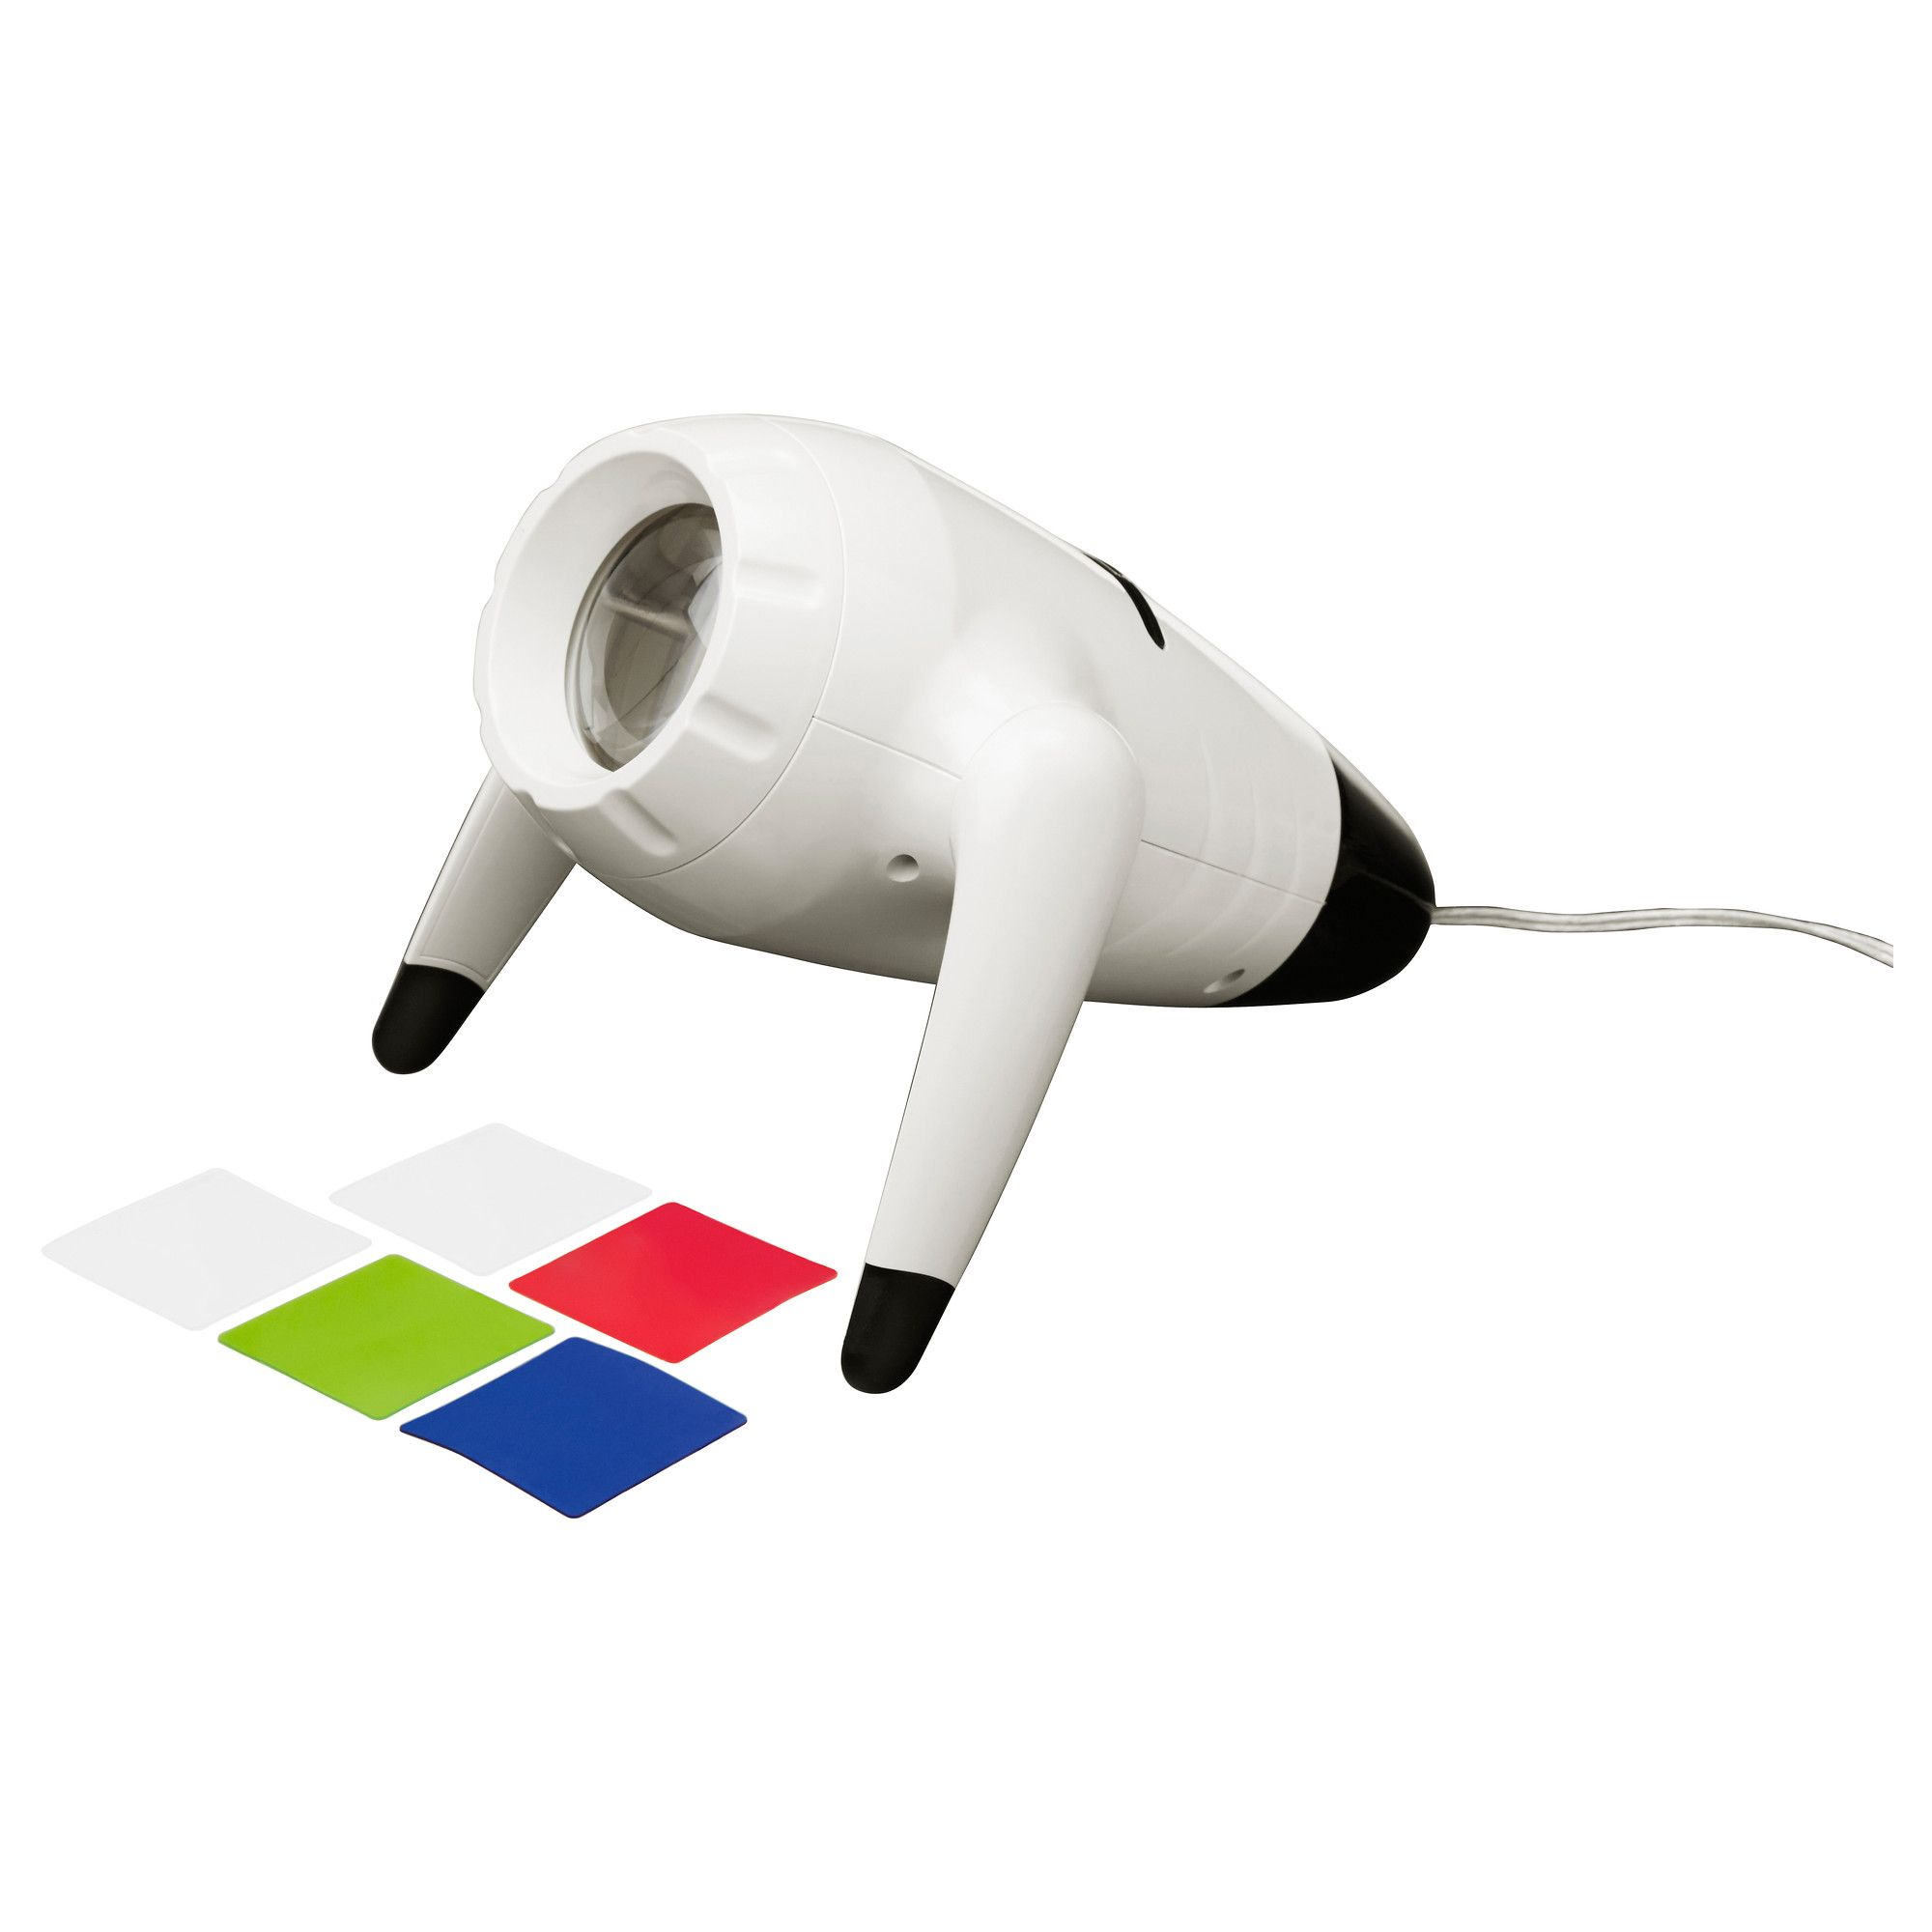 SPRIDA LED spotlight - IKEA | Kids Room Ideas | Ikea childrens ...